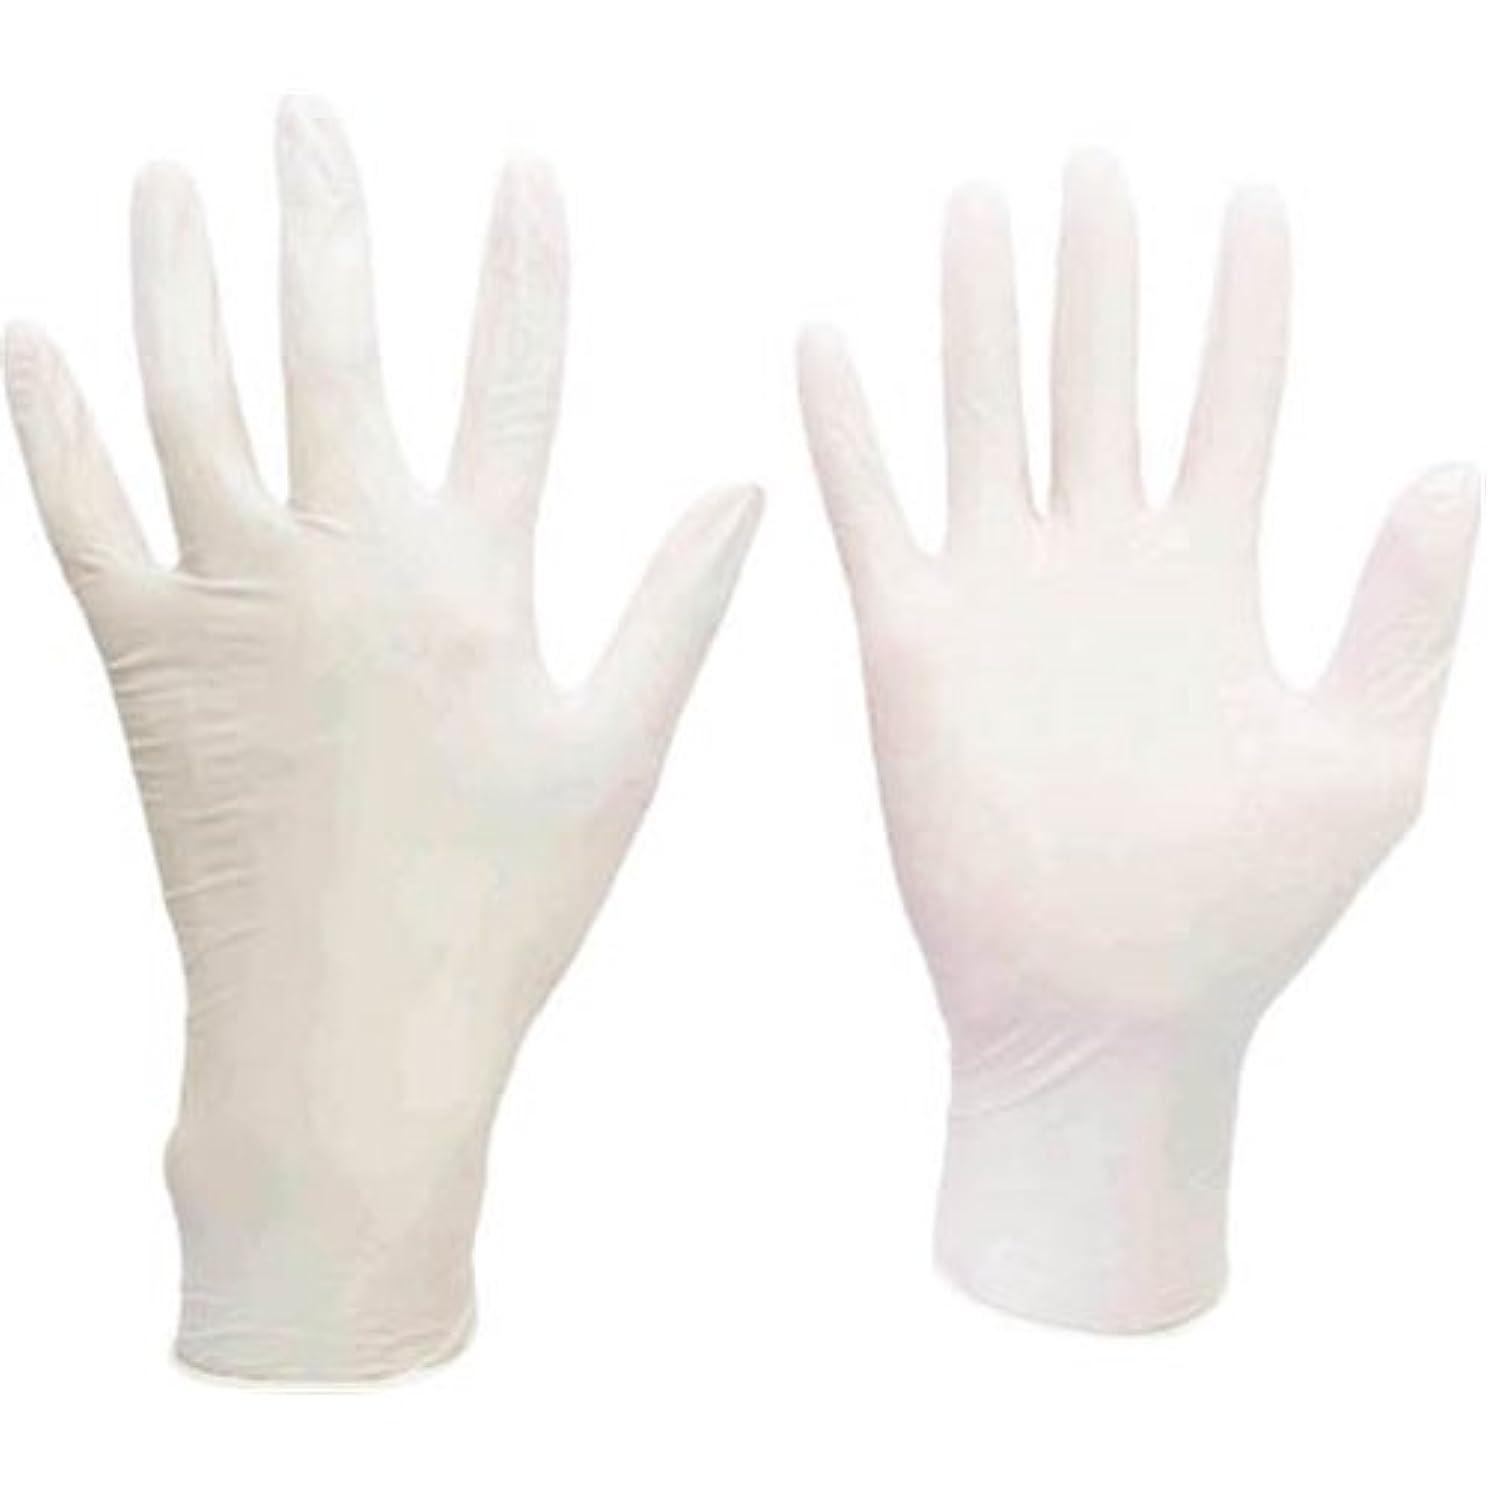 金額松明プロペラミドリ安全/ミドリ安全 ニトリル使い捨て手袋 極薄 粉なし 100枚入 白 L(3889068) VERTE-711-L